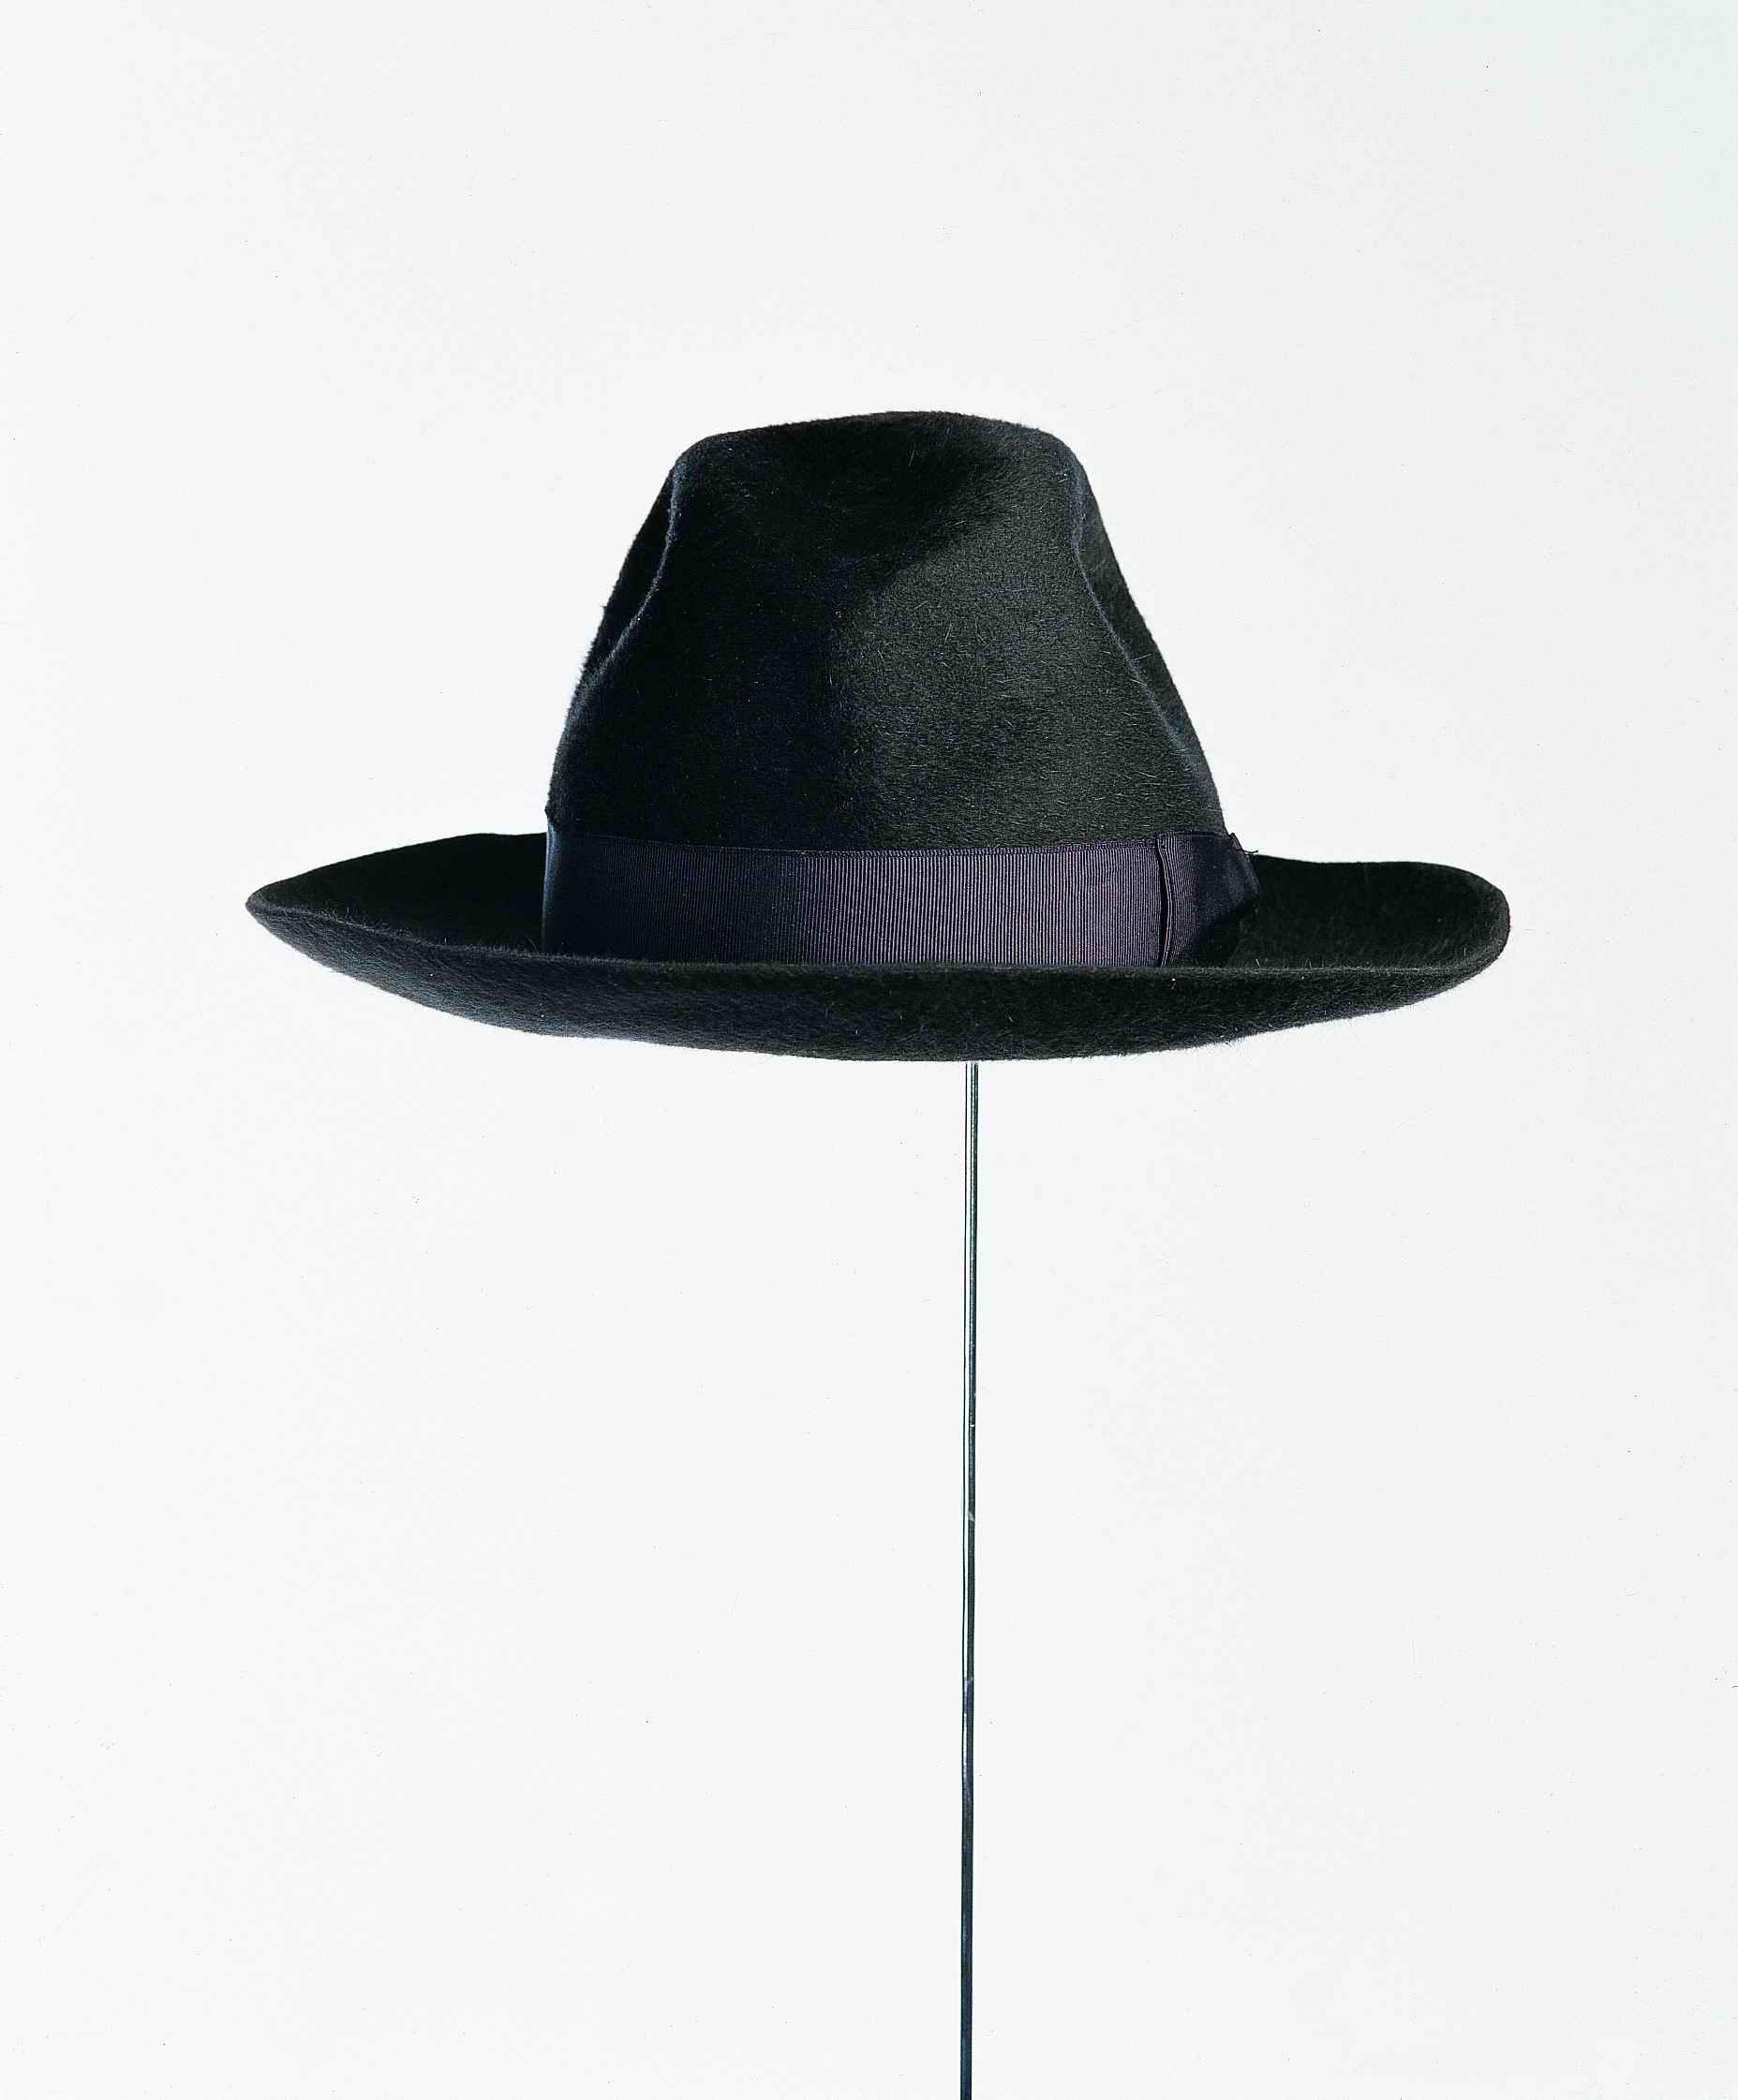 Un sombrero más (2001) - Juan Hidalgo Codorníu